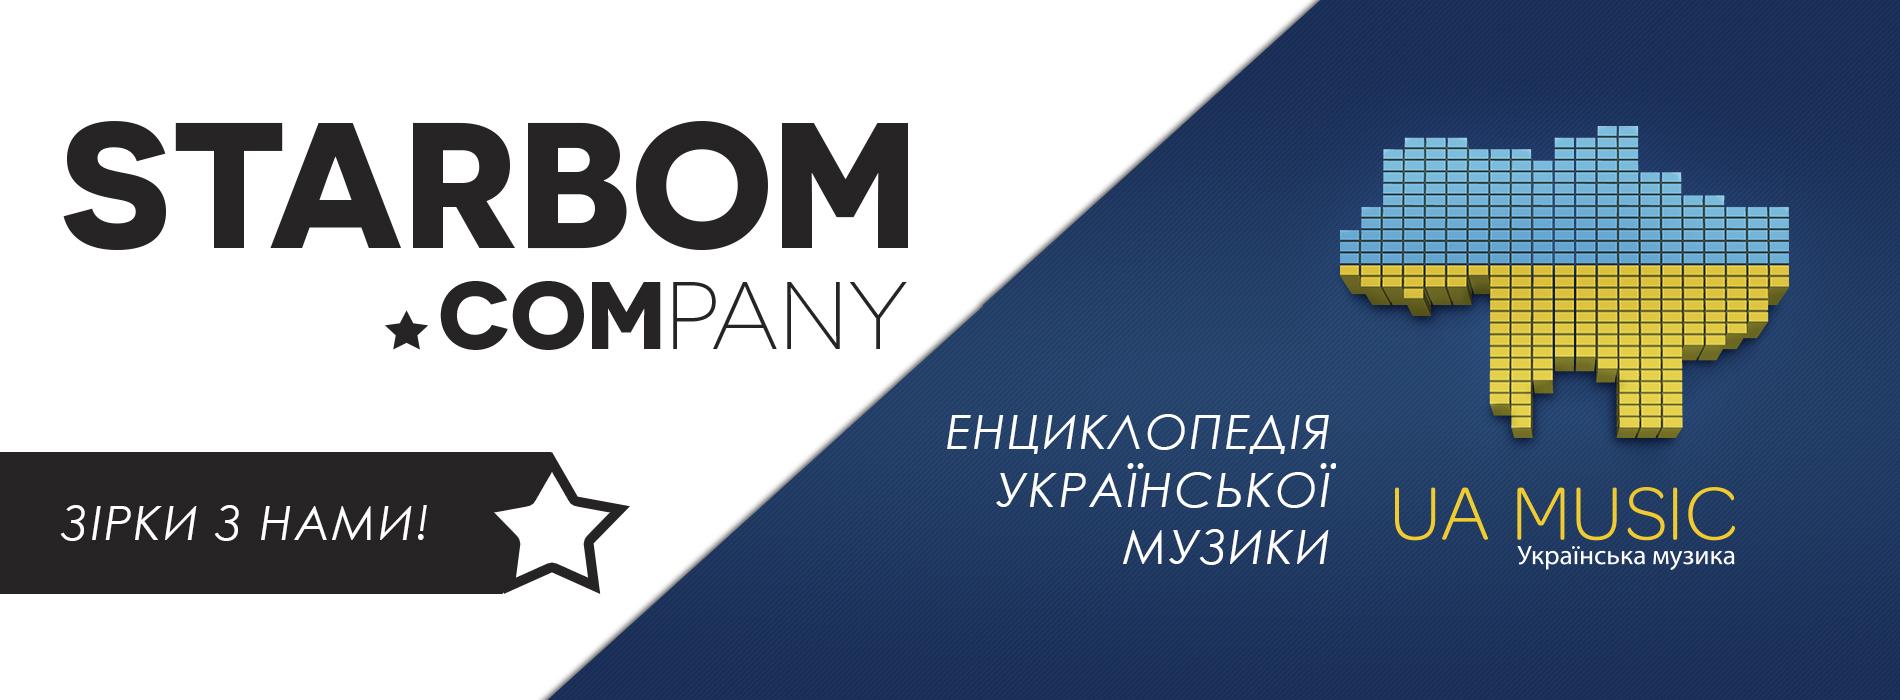 STARBOM.COMpany & UA MUSIC:  унікальна пропозиція для українських музикантів